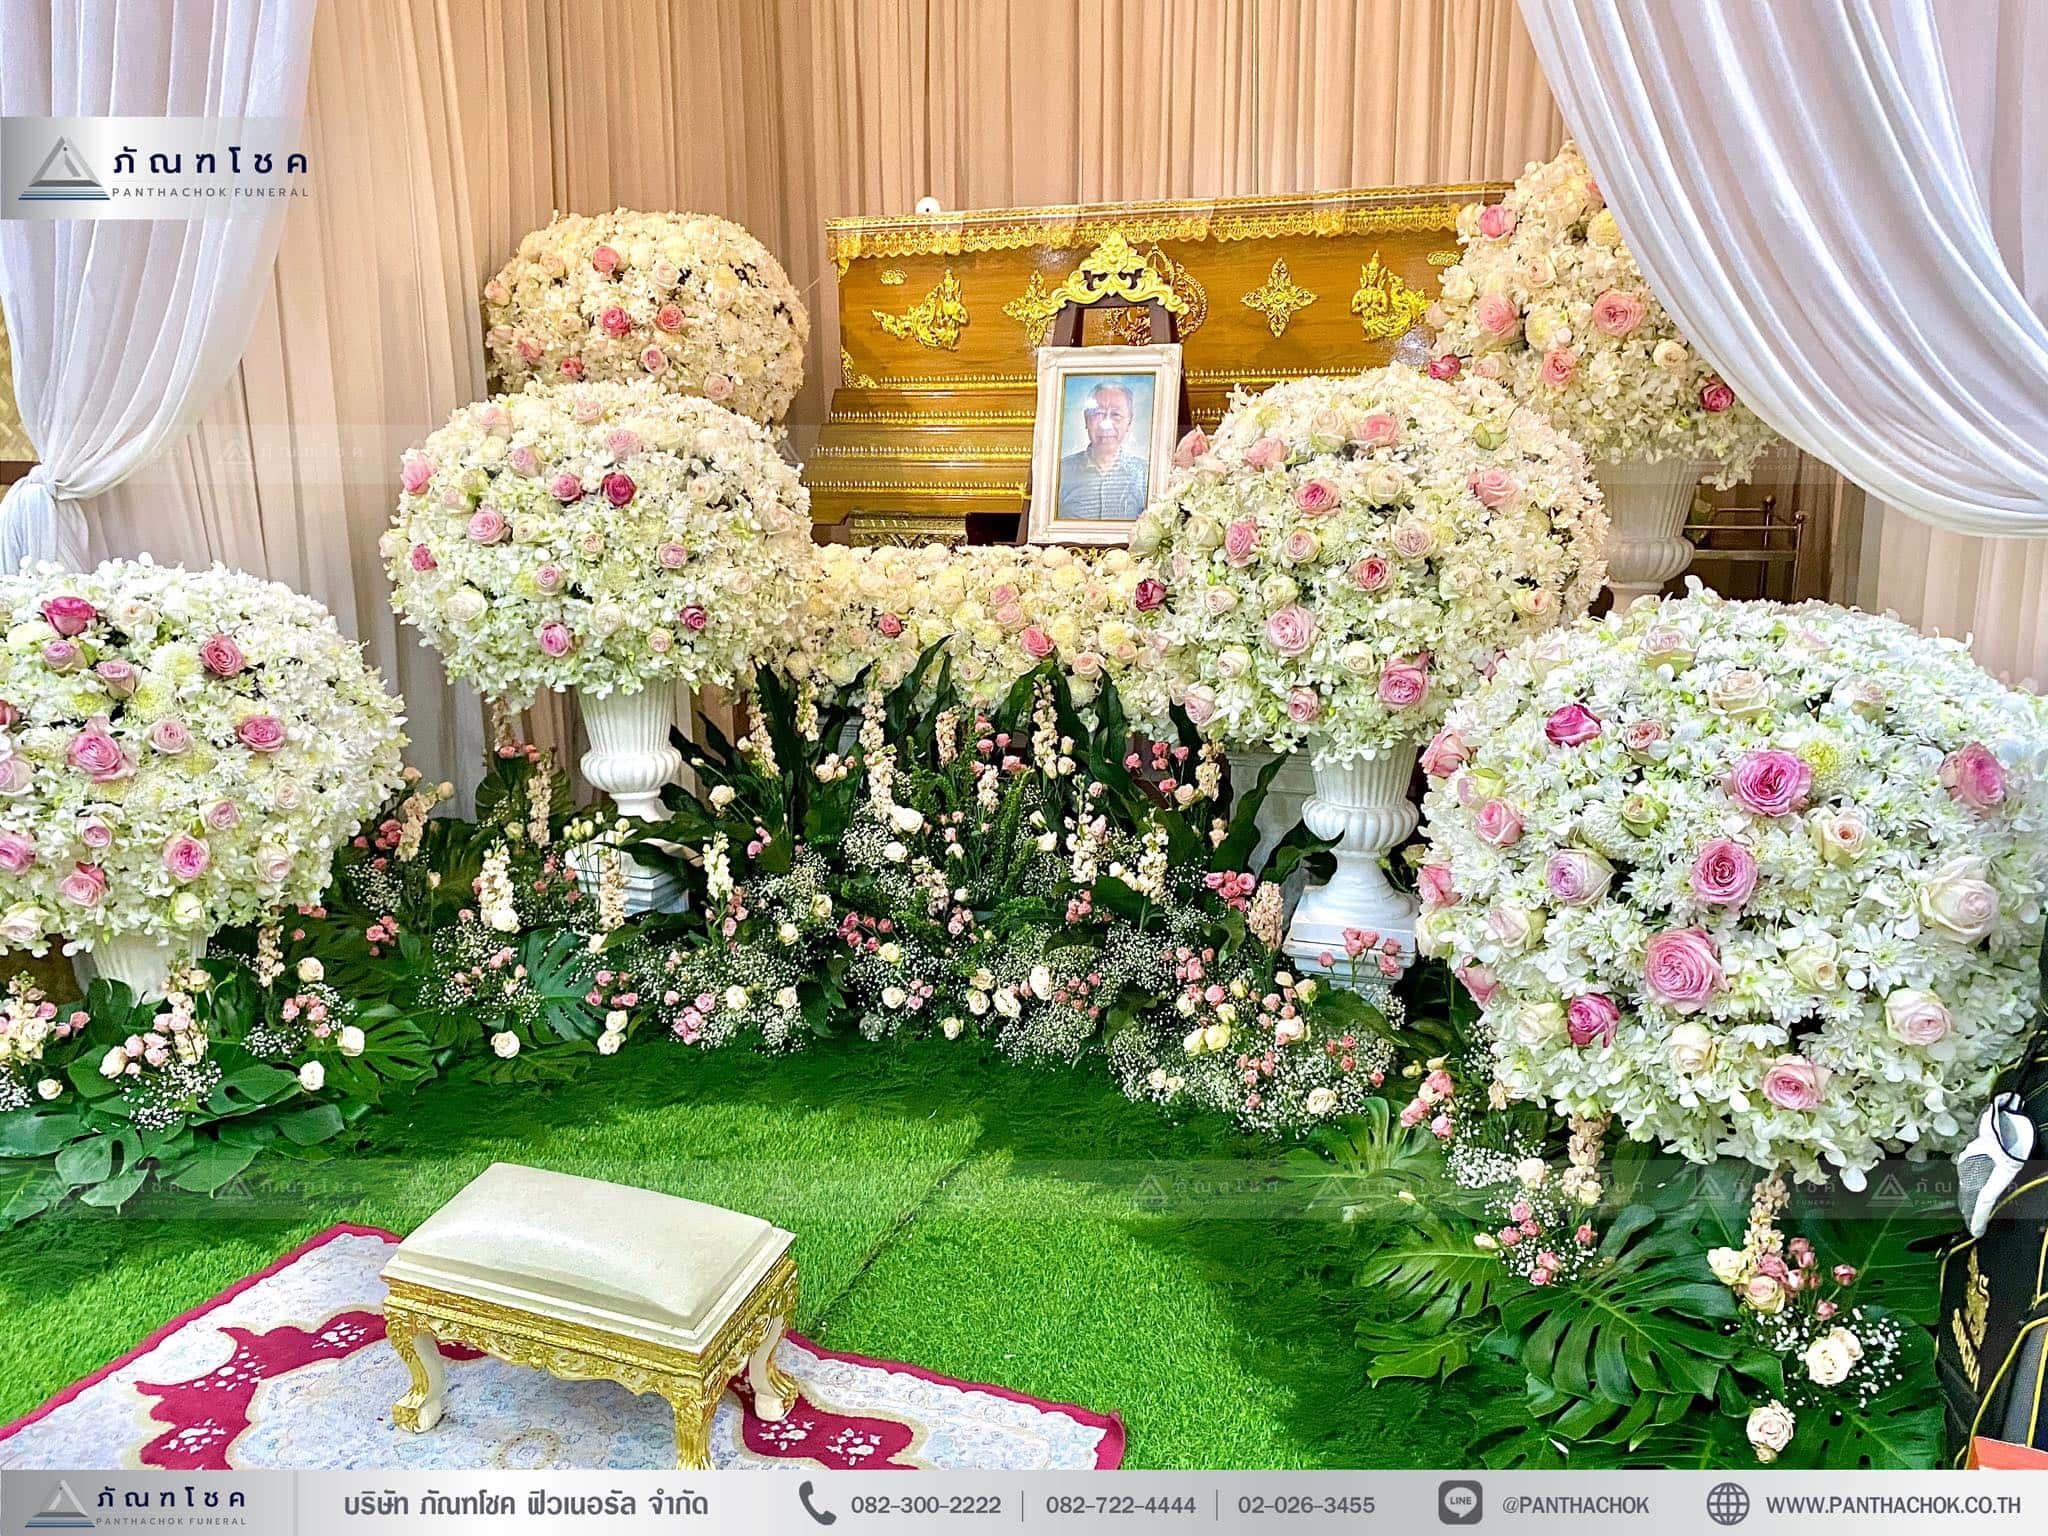 ดอกไม้งานศพสมุทรสงคราม ดอกไม้ชุดพุ่มประดับหน้าโลง ดอกไม้ราชบุรี